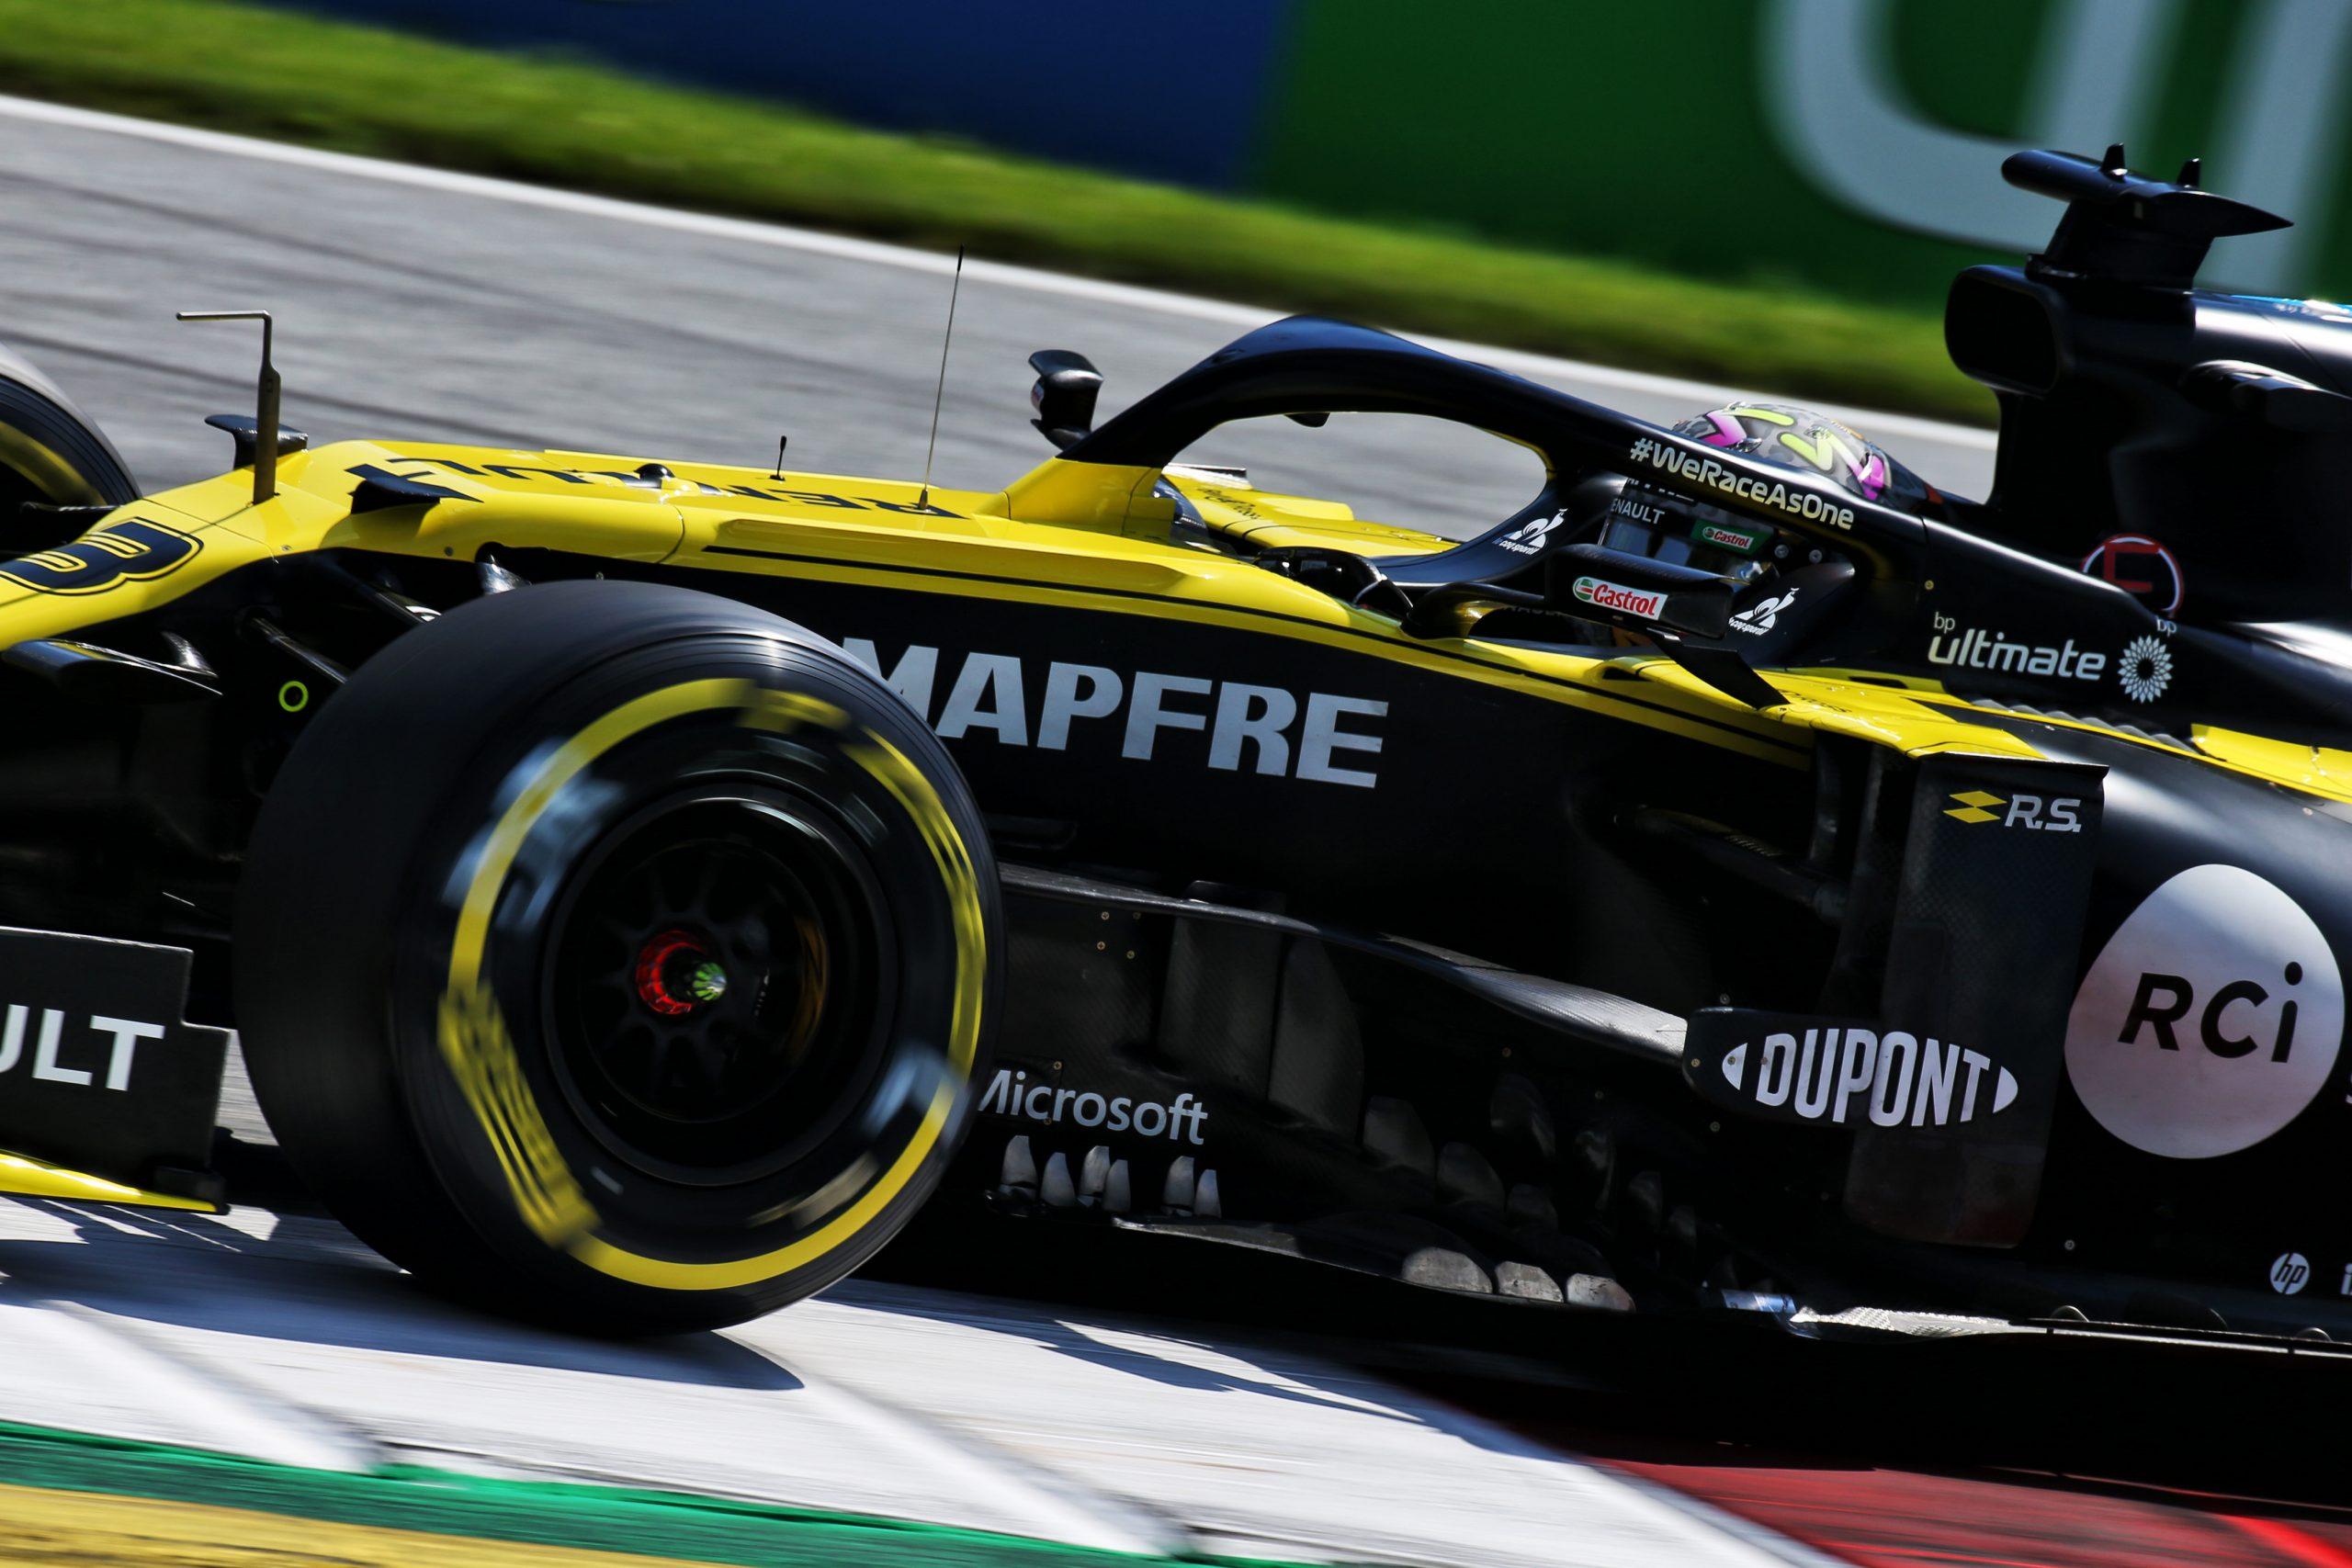 Vidéo : La sortie de piste spectaculaire de Daniel Ricciardo en Autriche 1